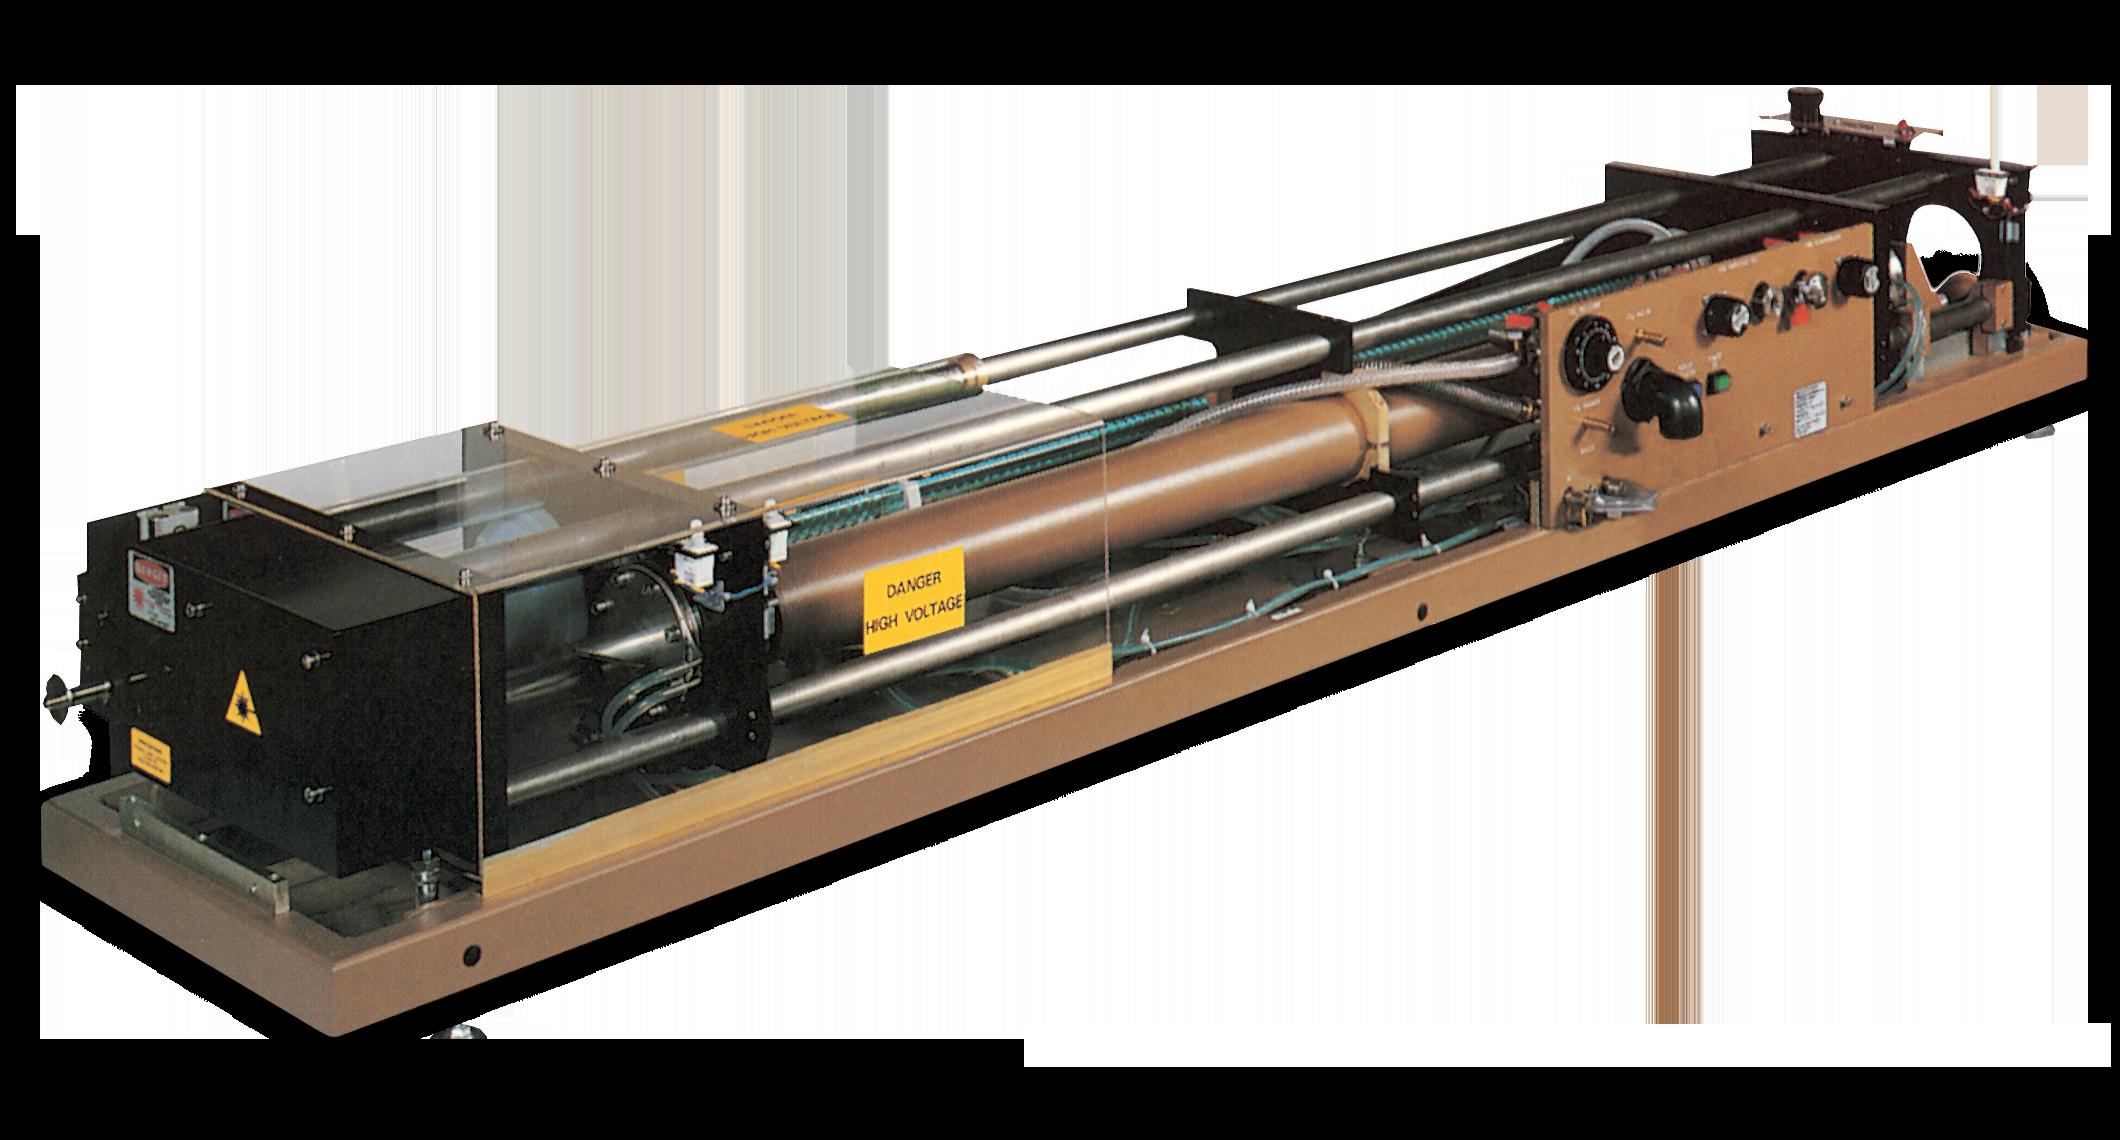 FIRL-100 FIR Laser (7.5 THz - 0.25 THz)